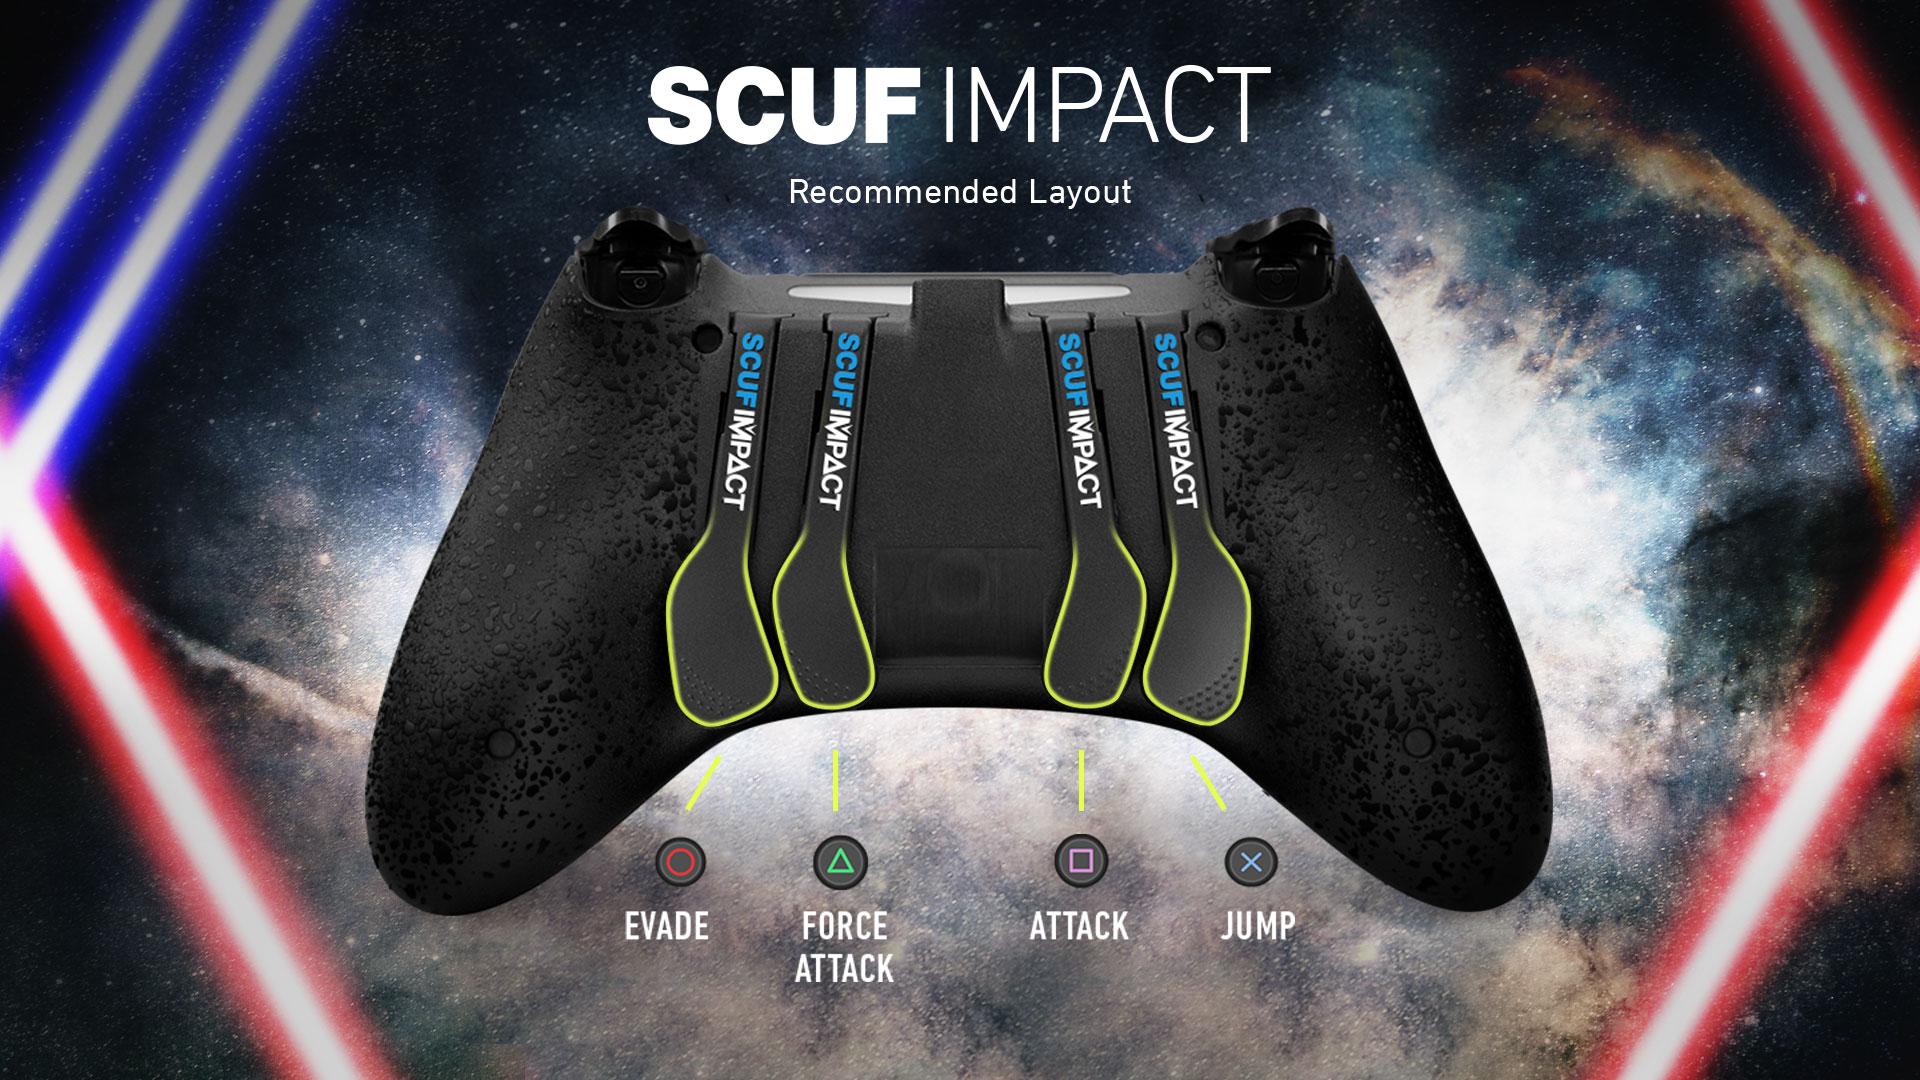 SCUF IMPACT Star Wars Jedi Controller Configuration